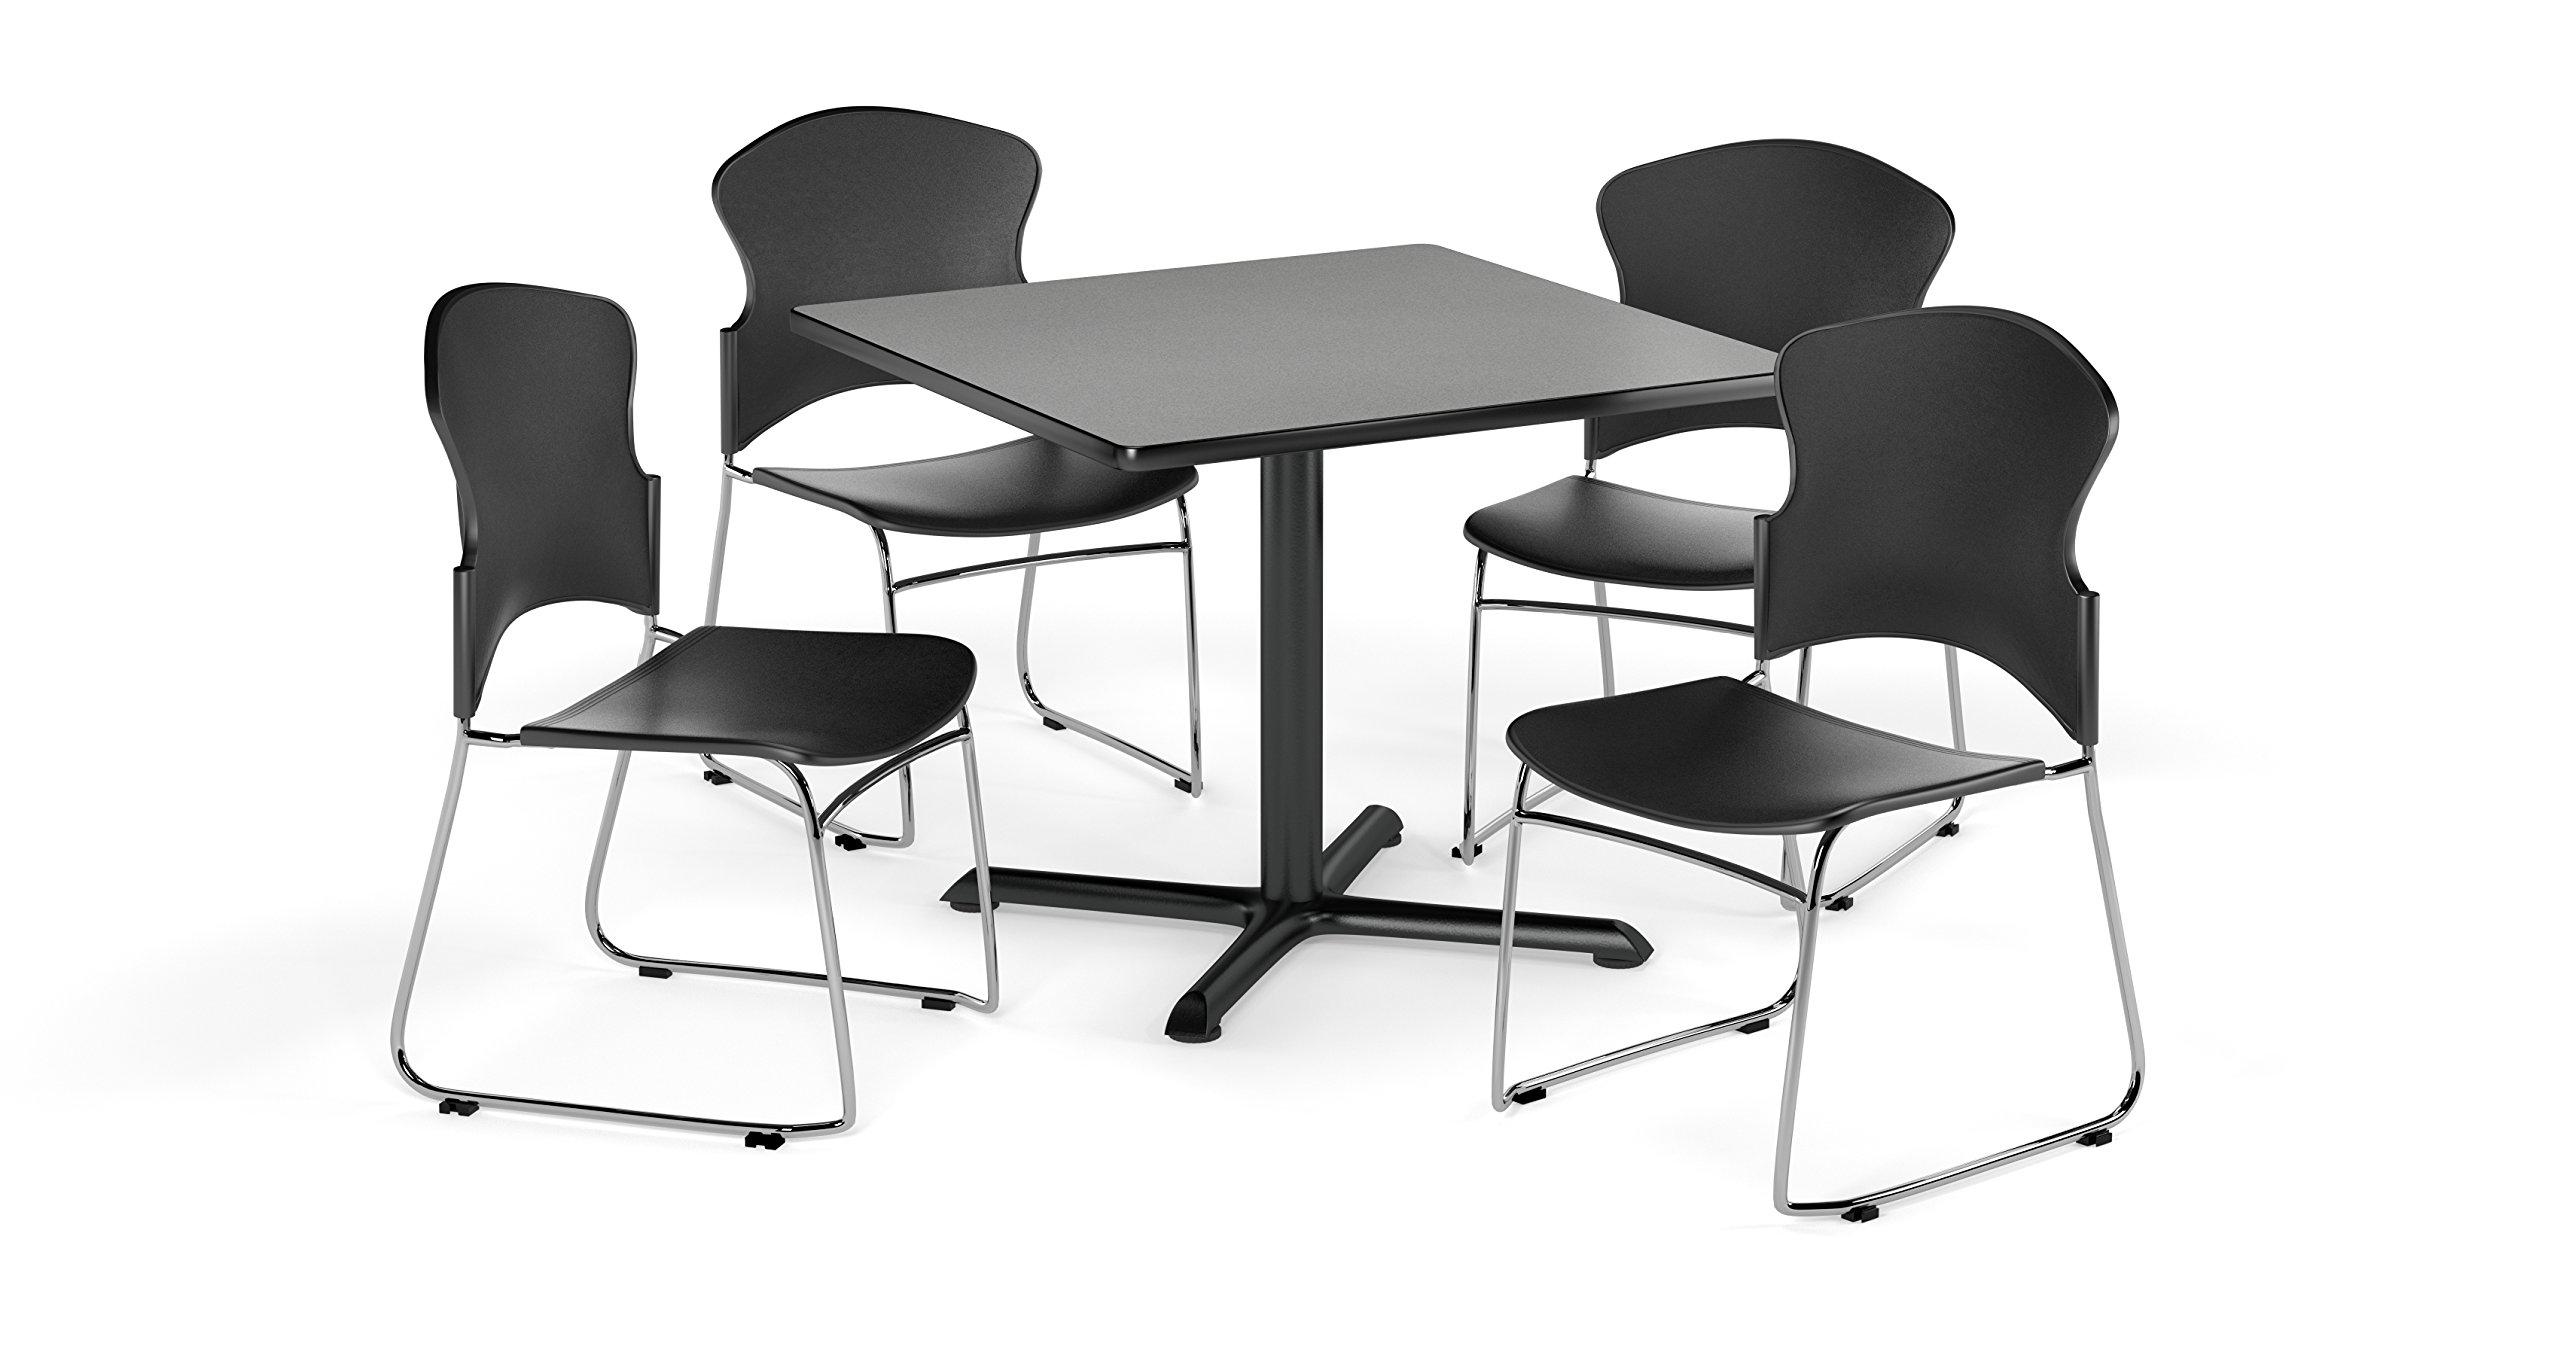 OFM PKG-BRK-036-0006 Breakroom Package, Gray Nebula Table/Black Chair